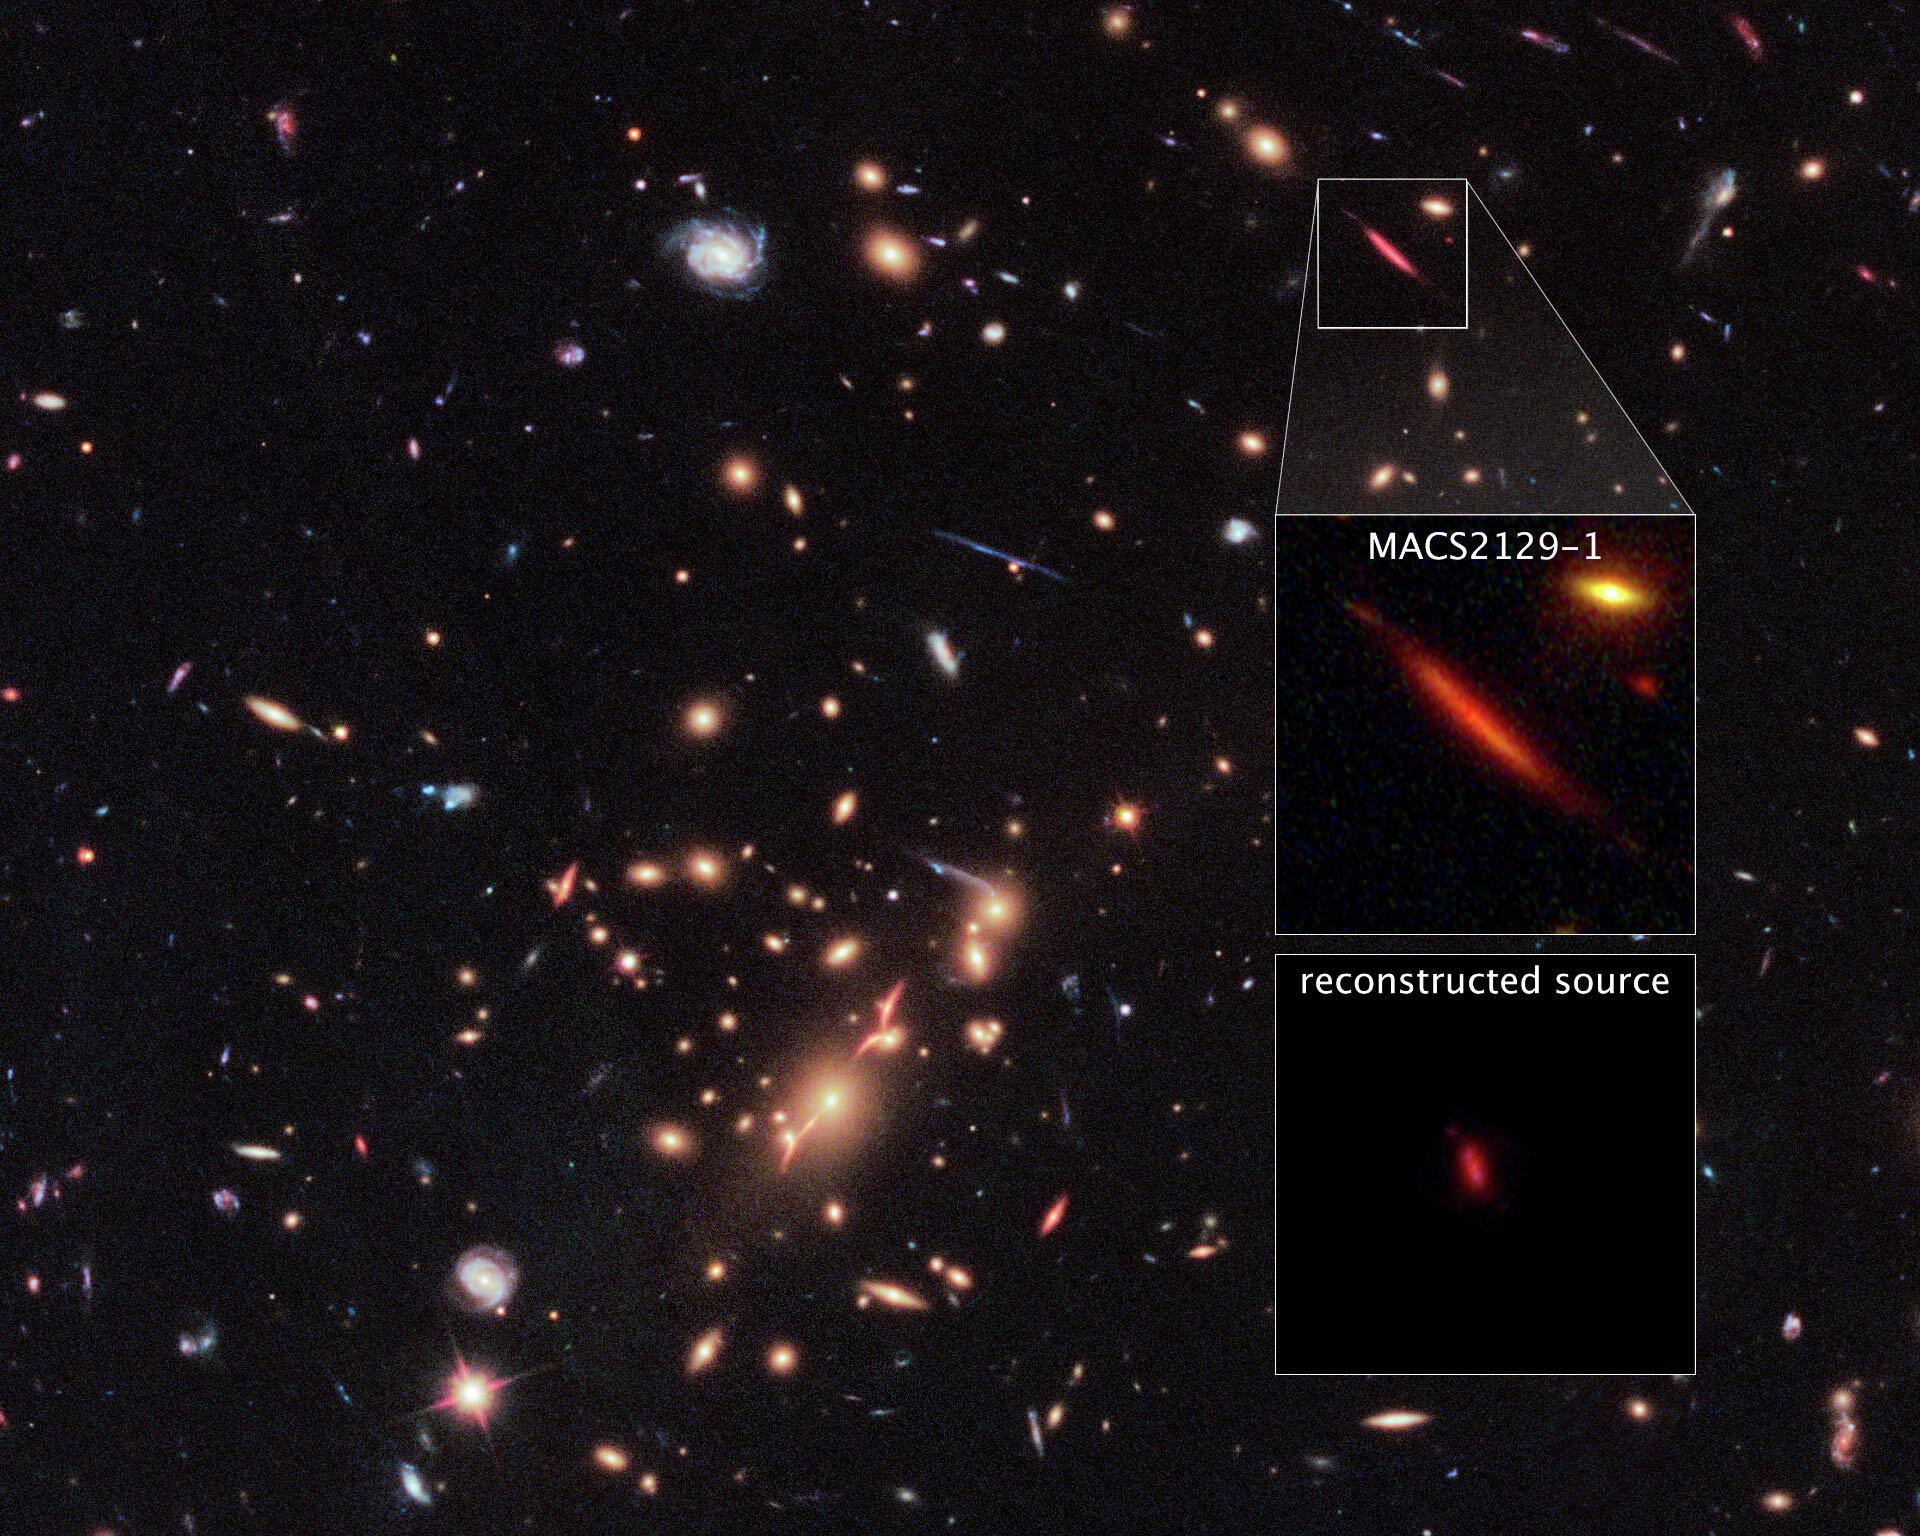 Galáxia morta MACS 2129-1